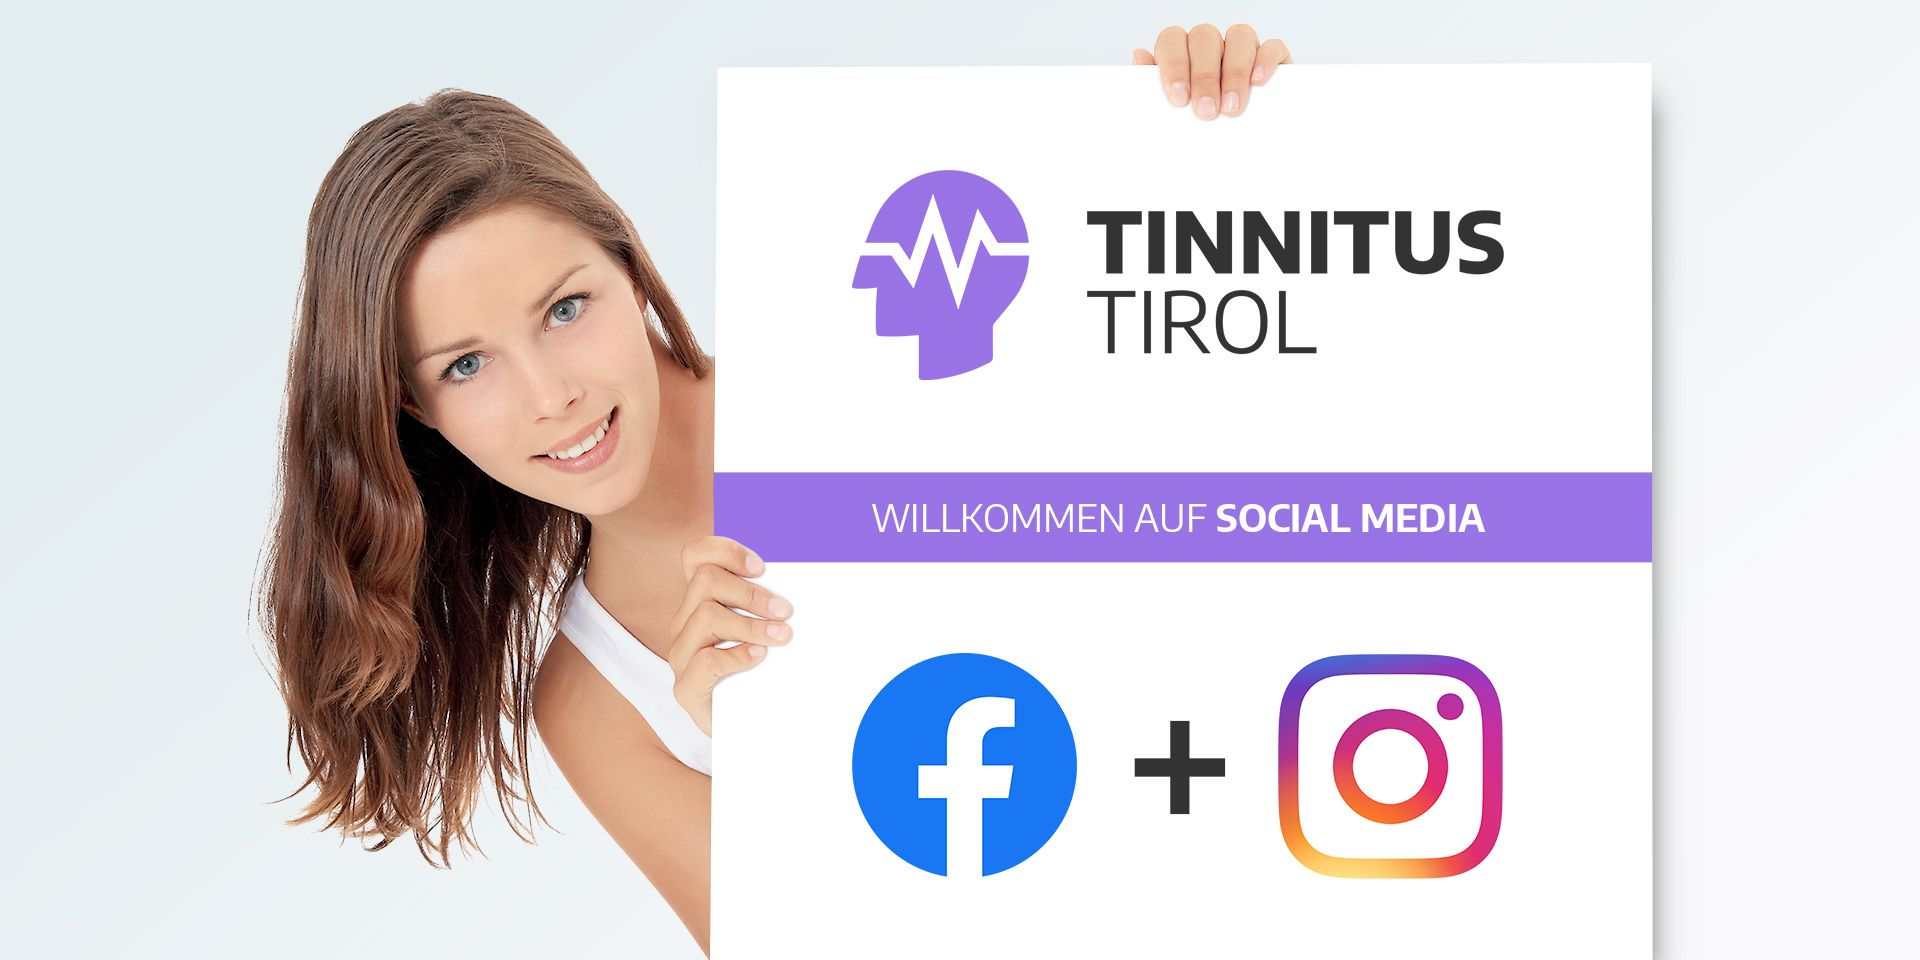 Unsere neuen Social-Media-Kanäle